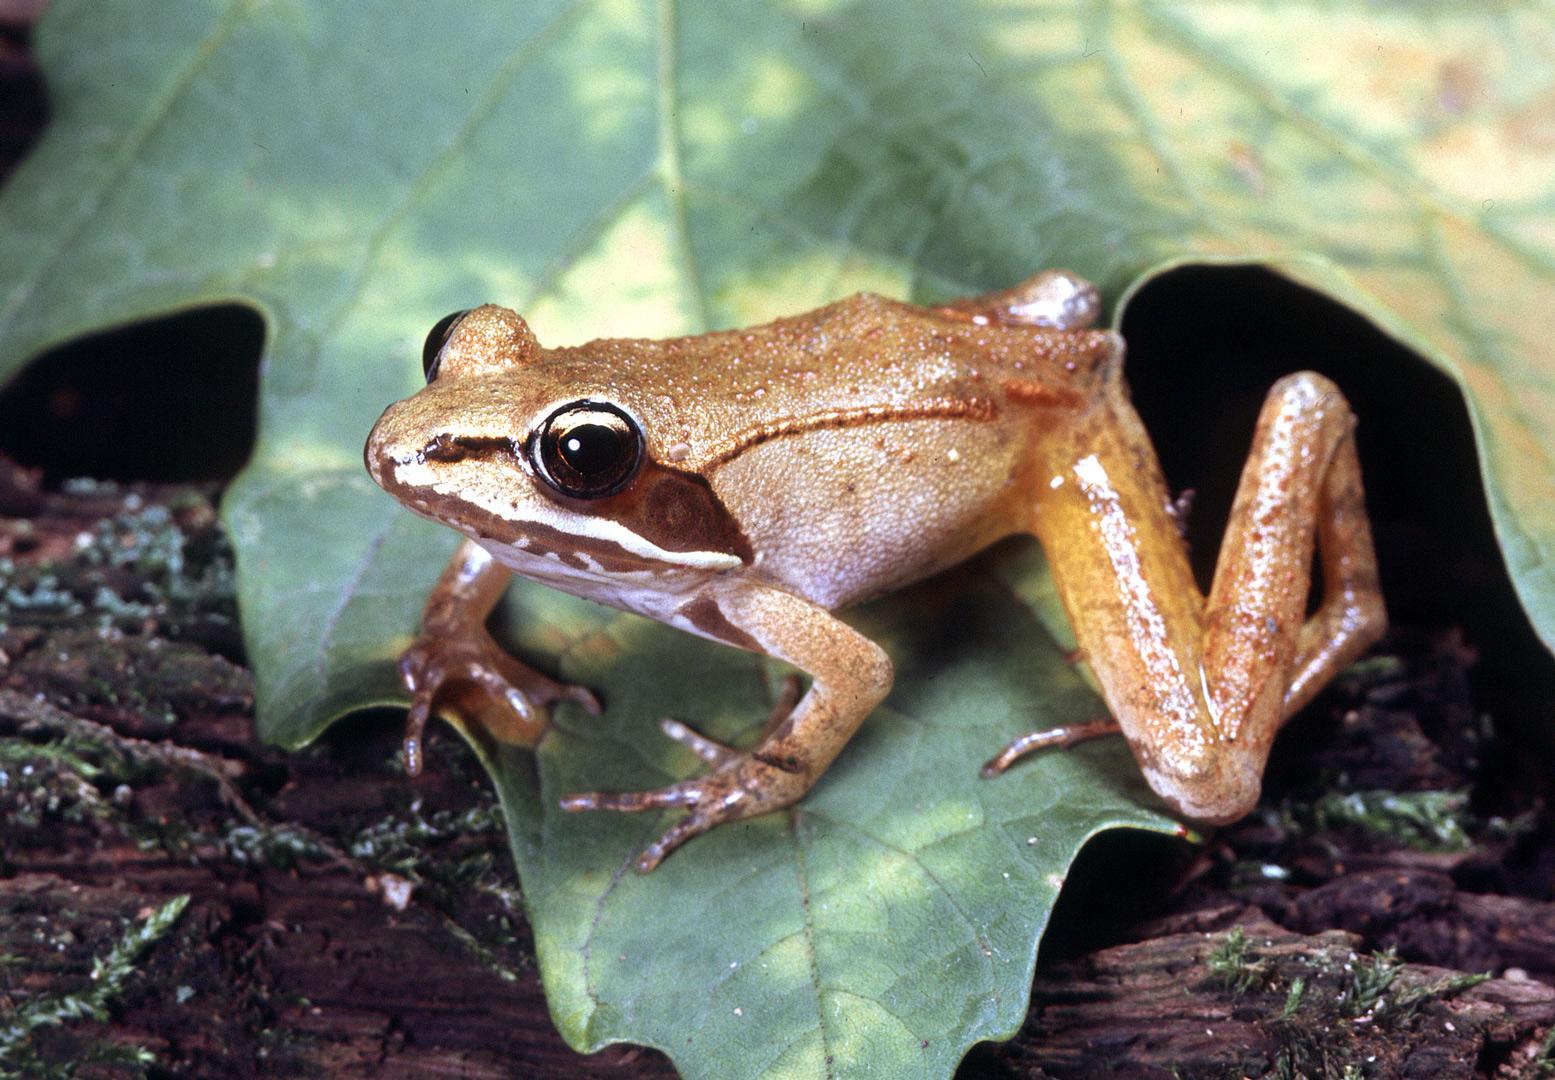 Wood frog on a leaf is a harbinger of spring.